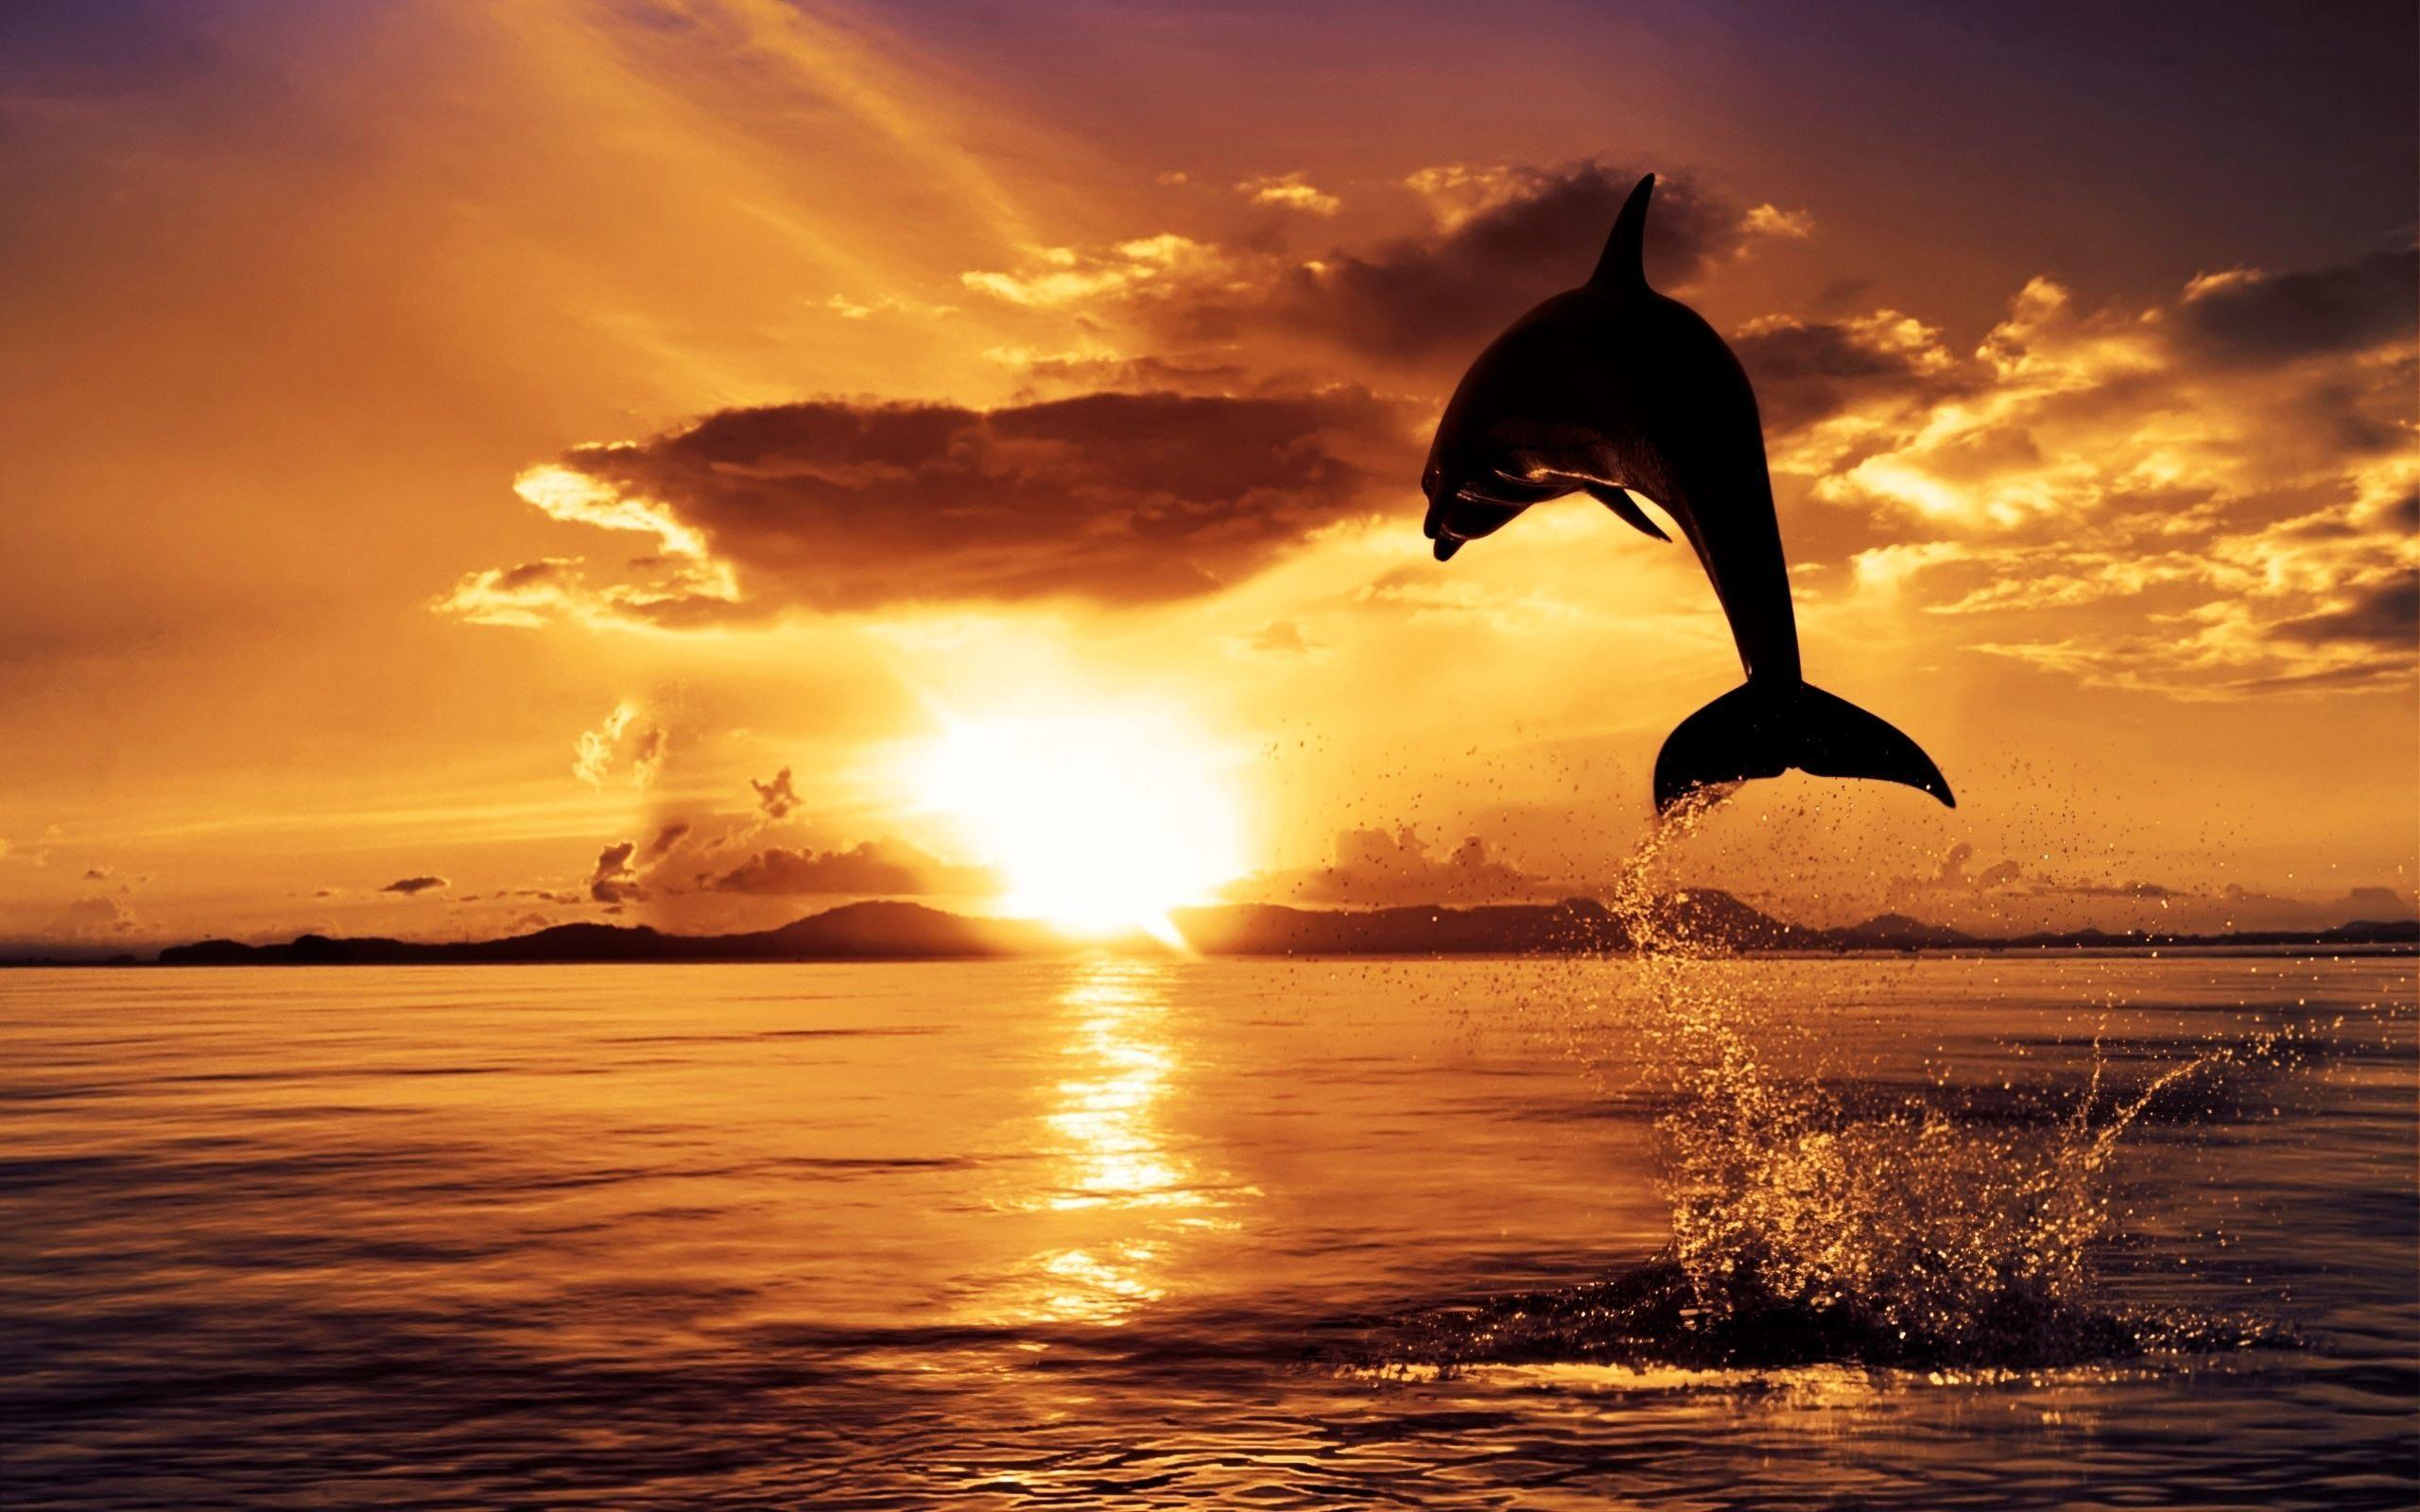 skipper dolphin hi res